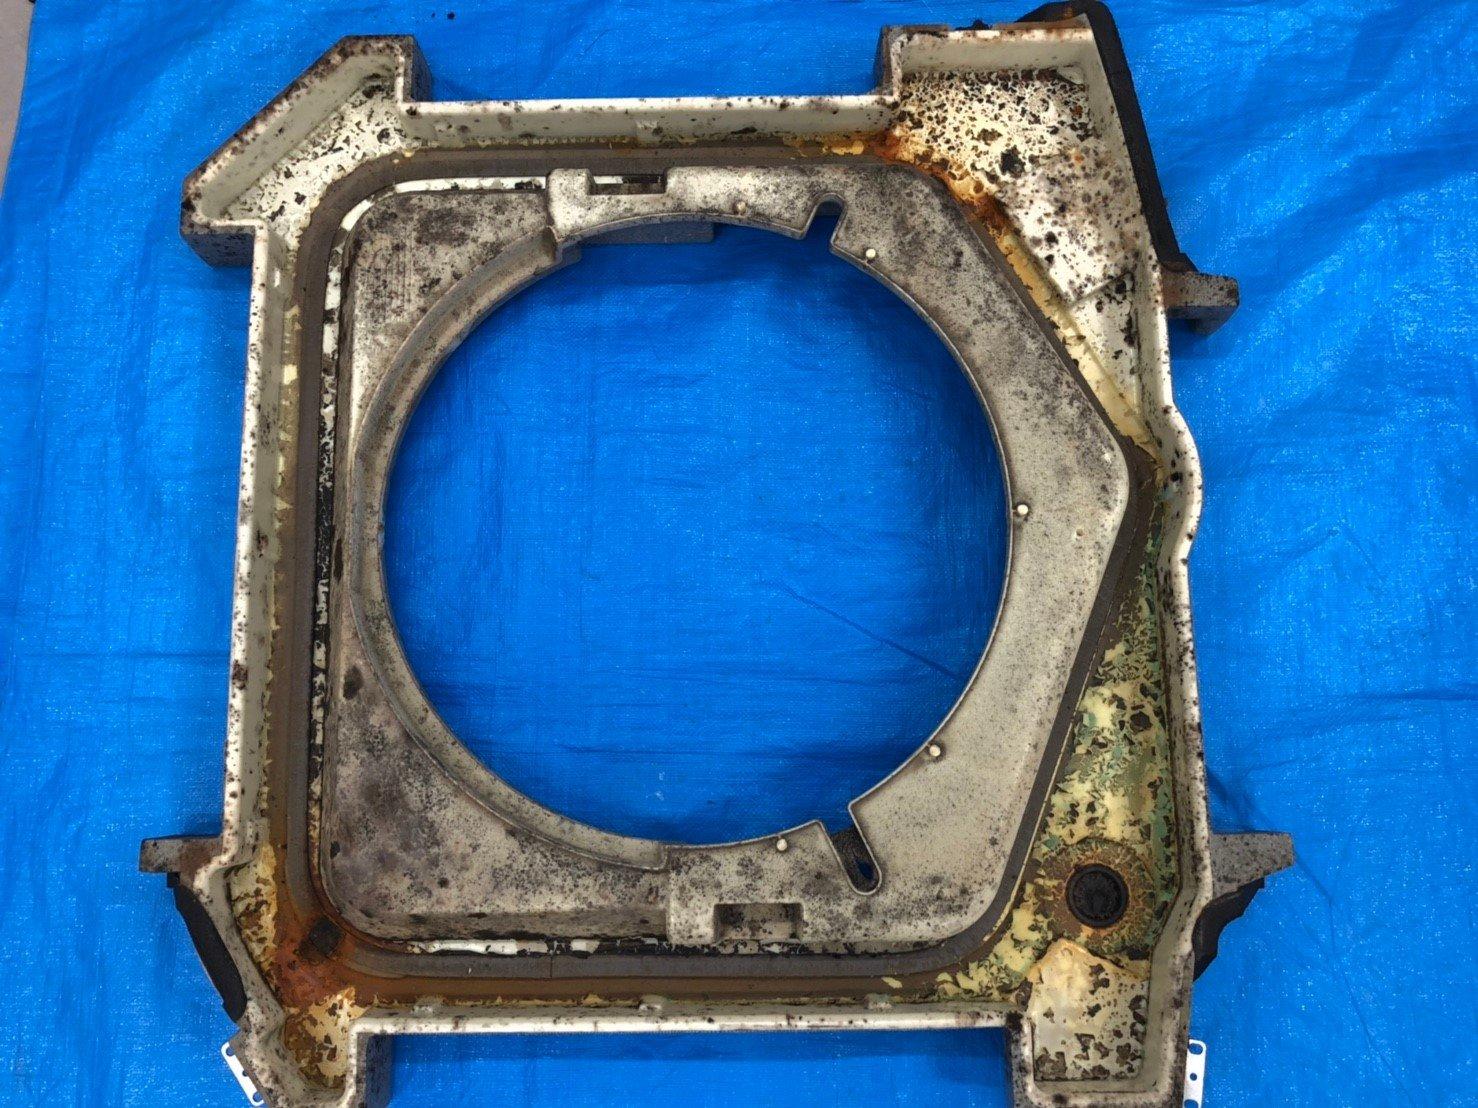 業務用エアコンクリーニング現場写真:業務用天井埋込みタイプエアコン写真エアコン内部洗浄前ドレンパン